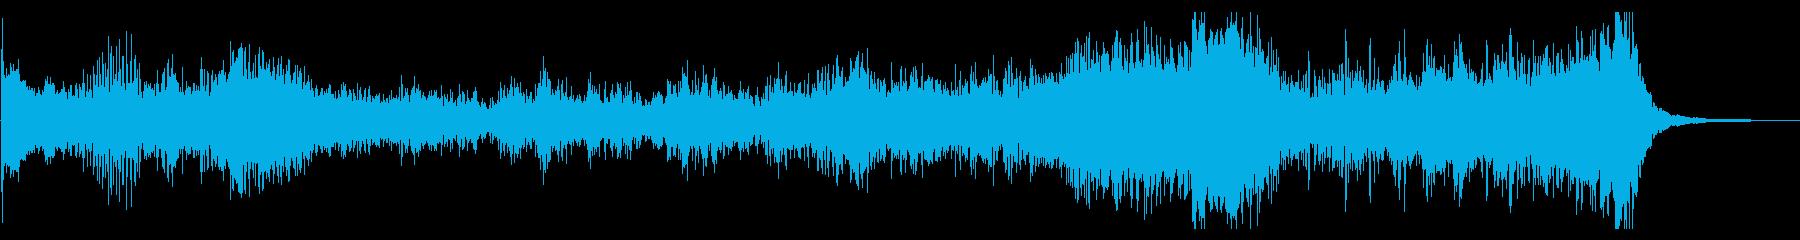 和太鼓やドラによる不穏なリズムのみの音楽の再生済みの波形